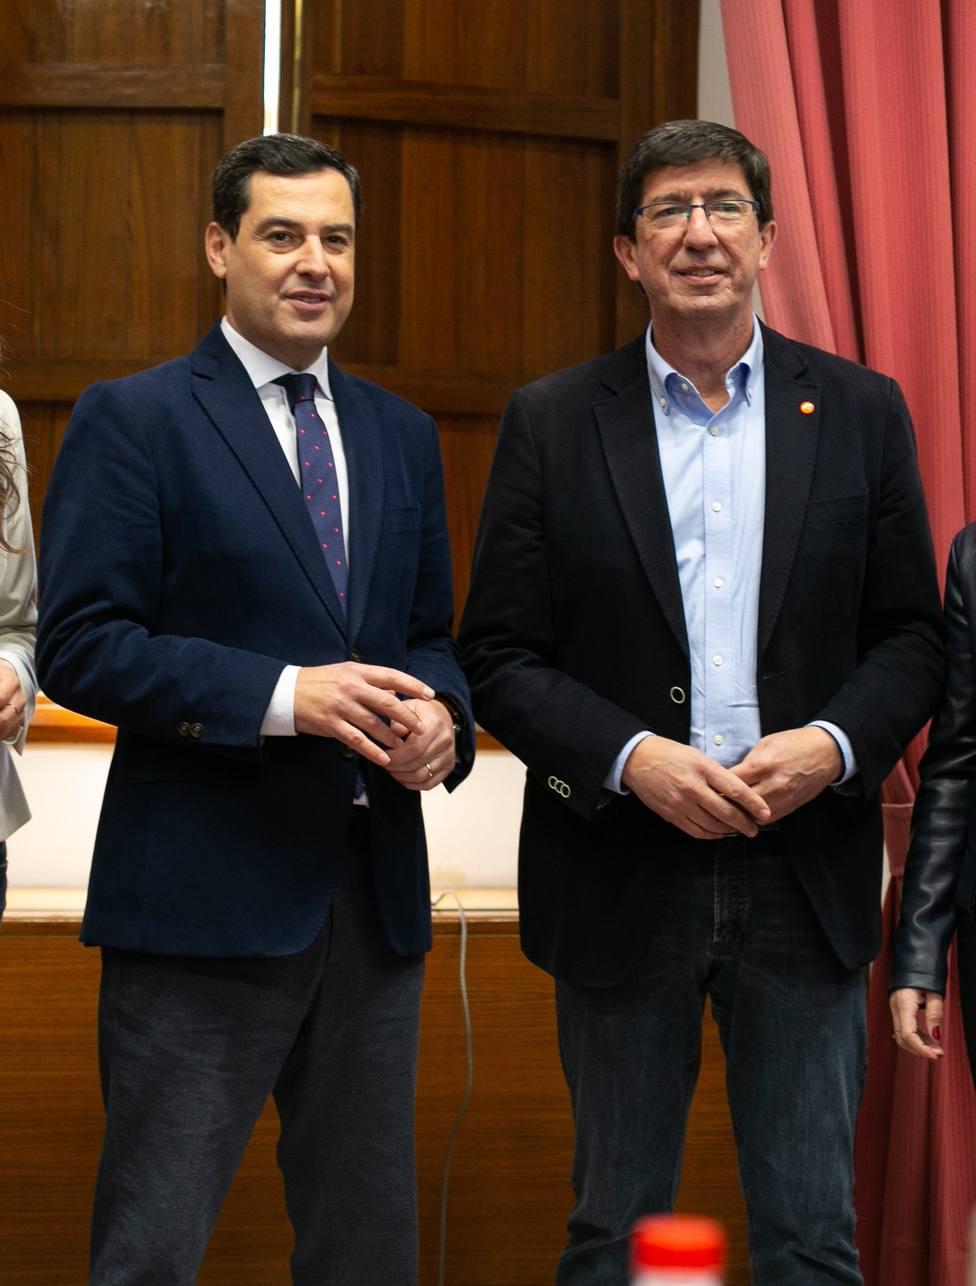 Juanma Moreno, Presidente andaluz y Juan Marín, vicepresidente